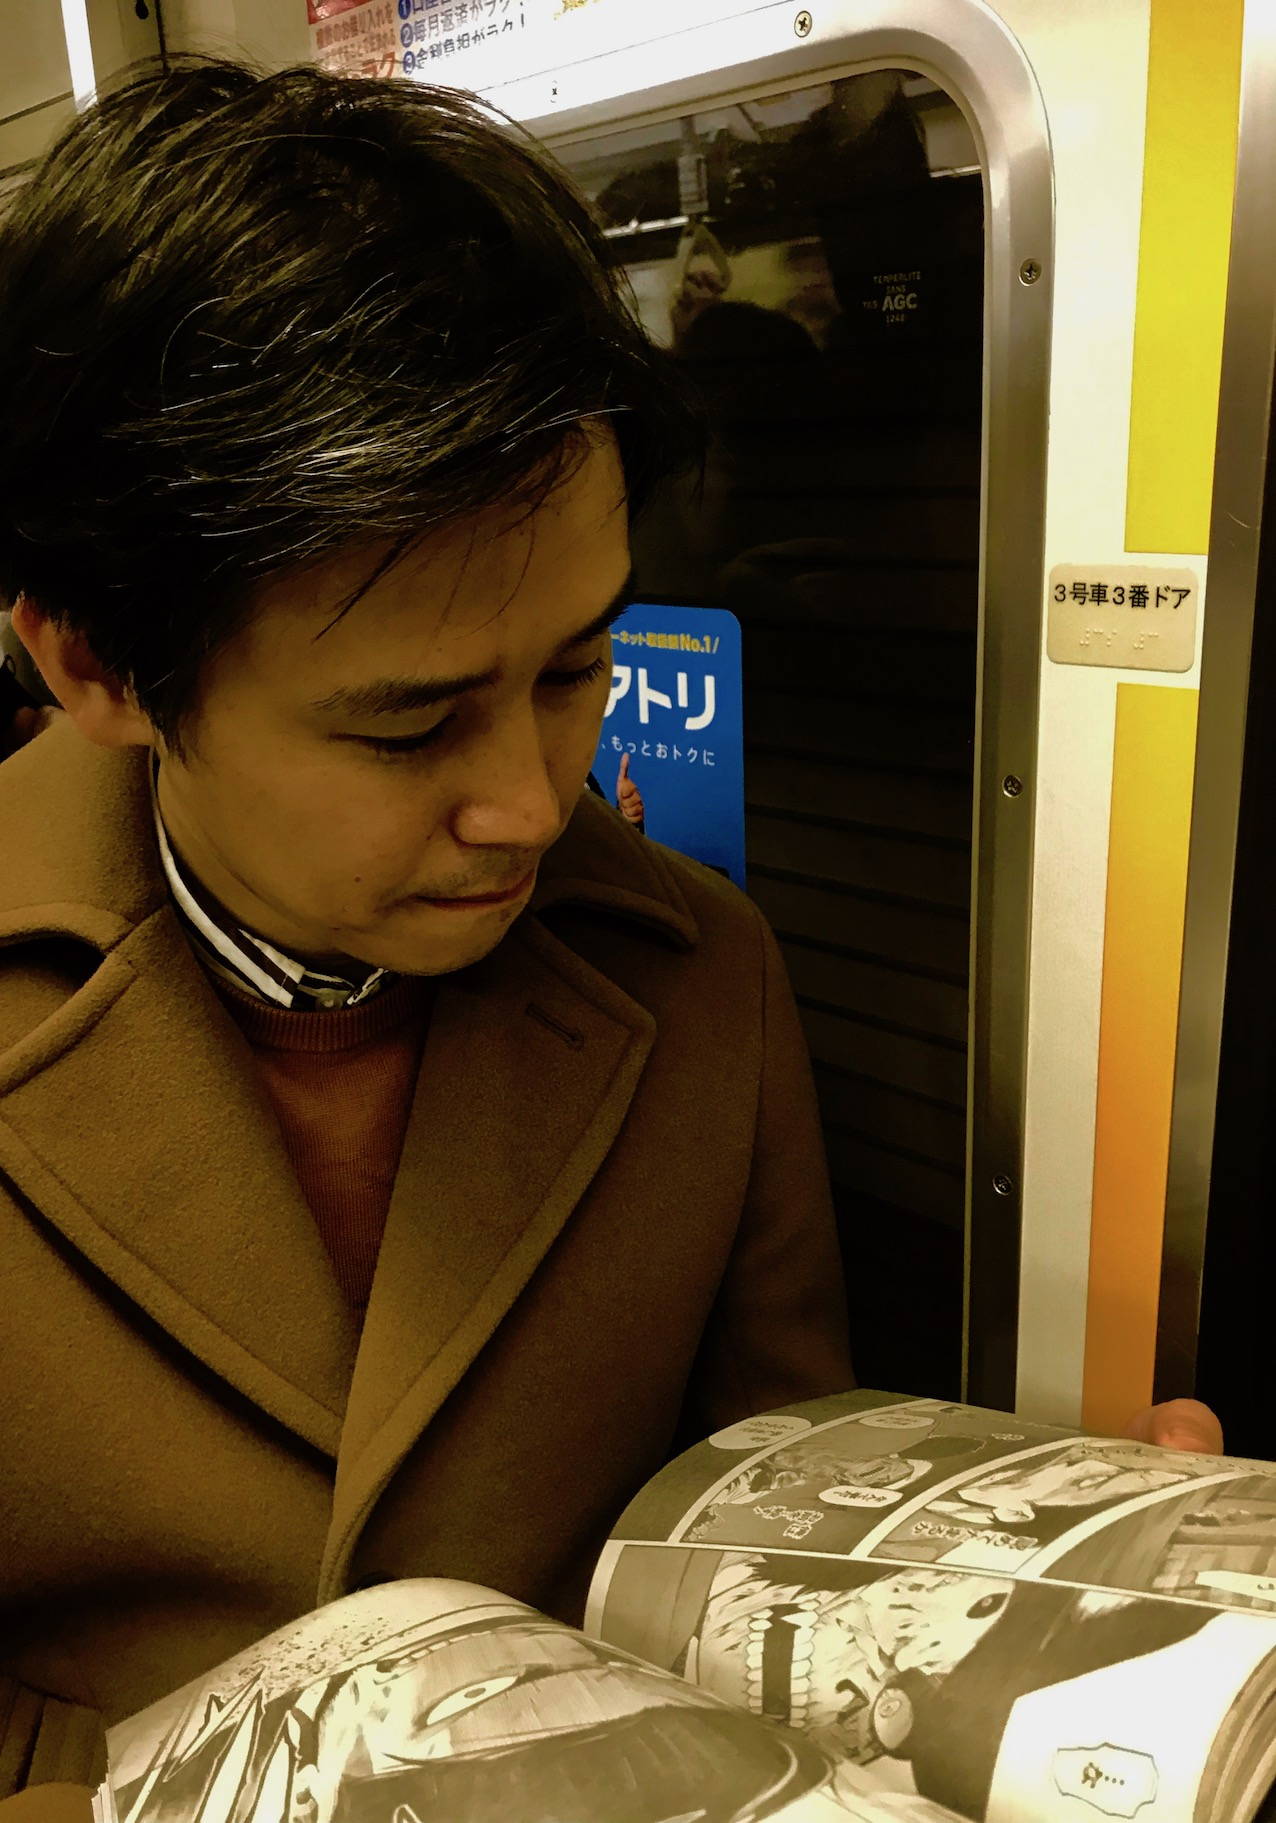 Man reading manga Tokyo Subway Japan.